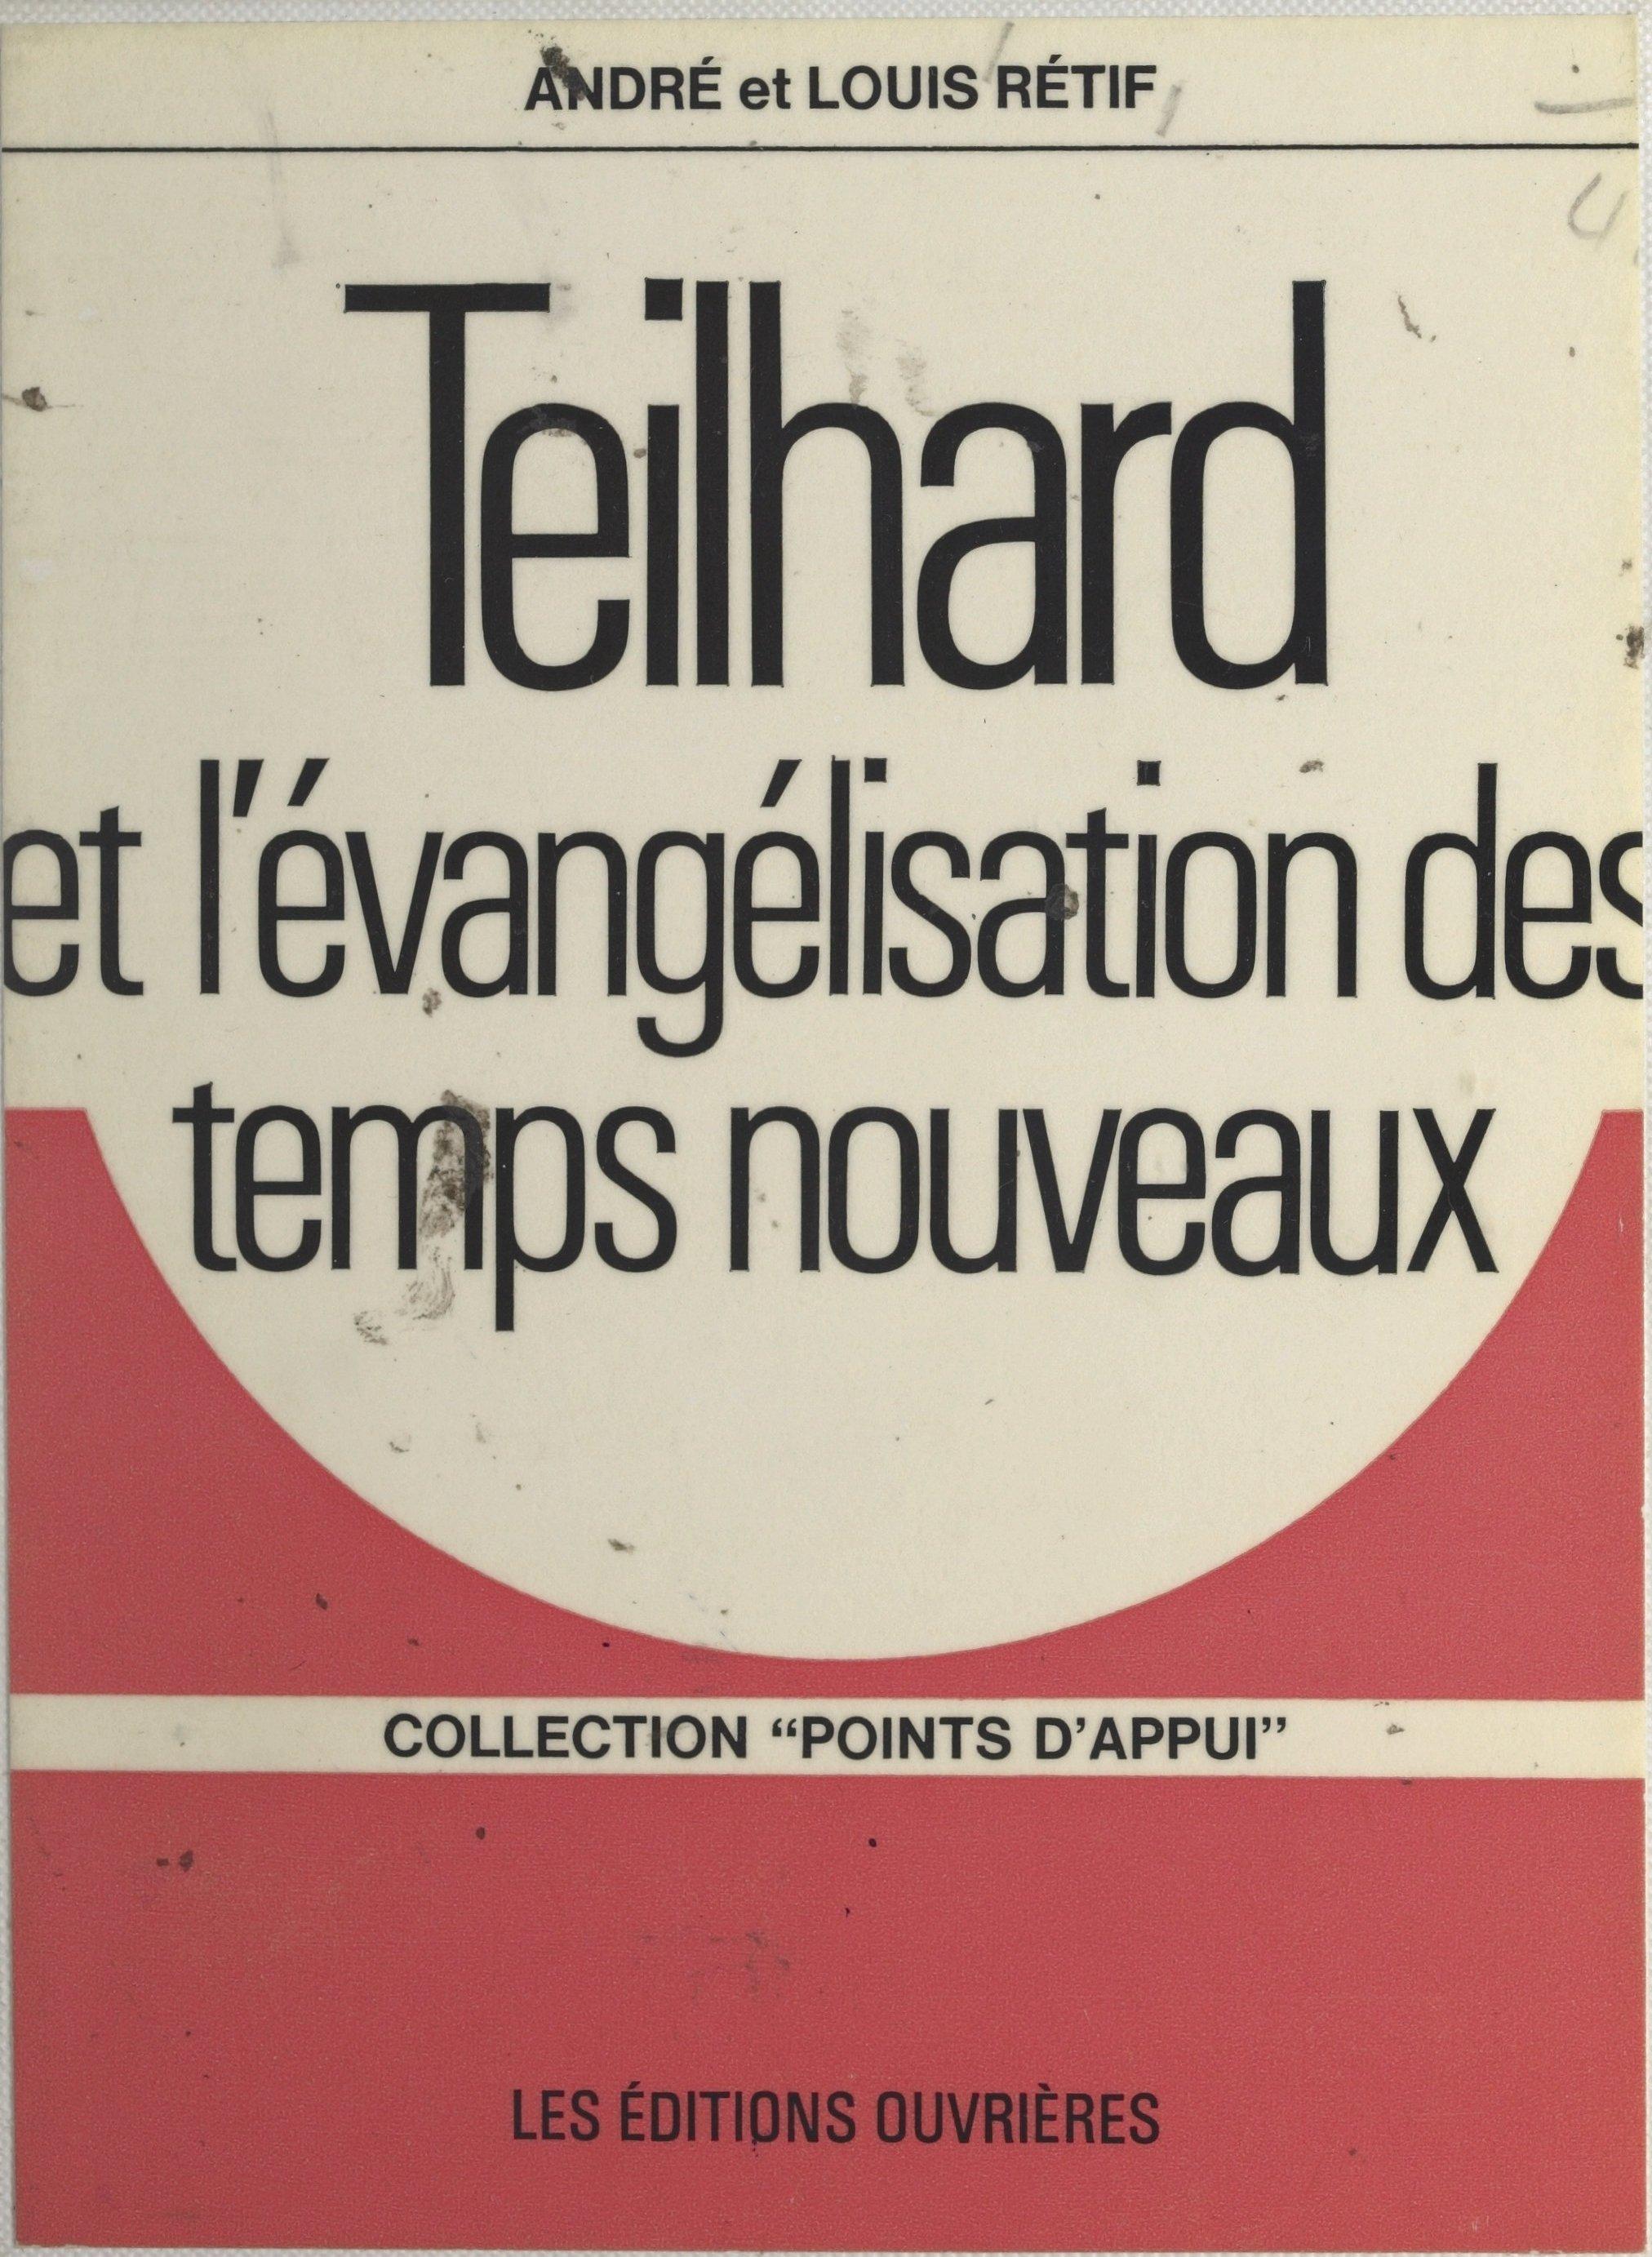 Teilhard et l'évangélisatio...